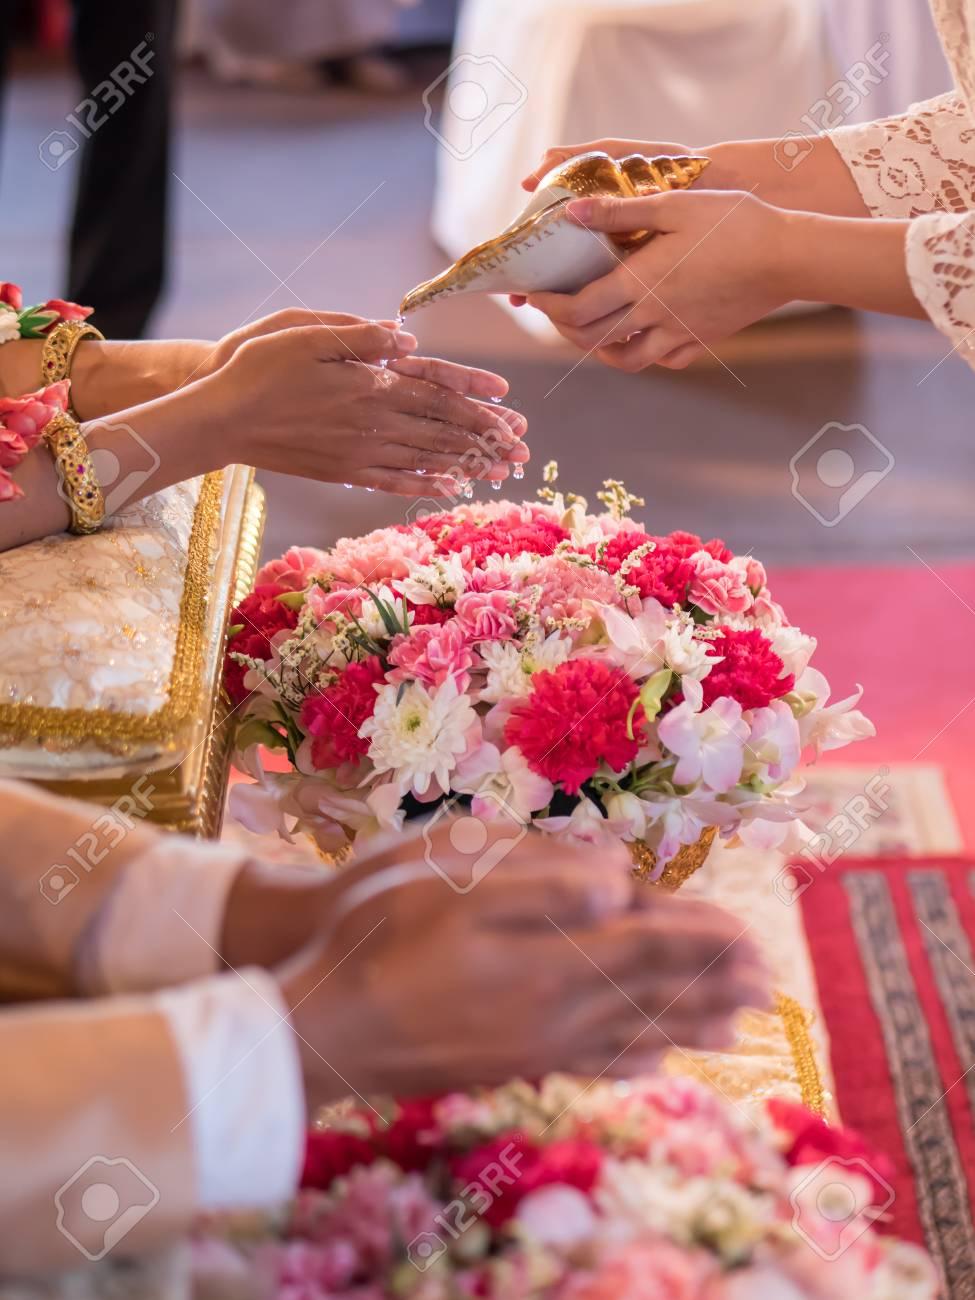 f7728a19c7a6 Archivio Fotografico - Matrimonio tailandese